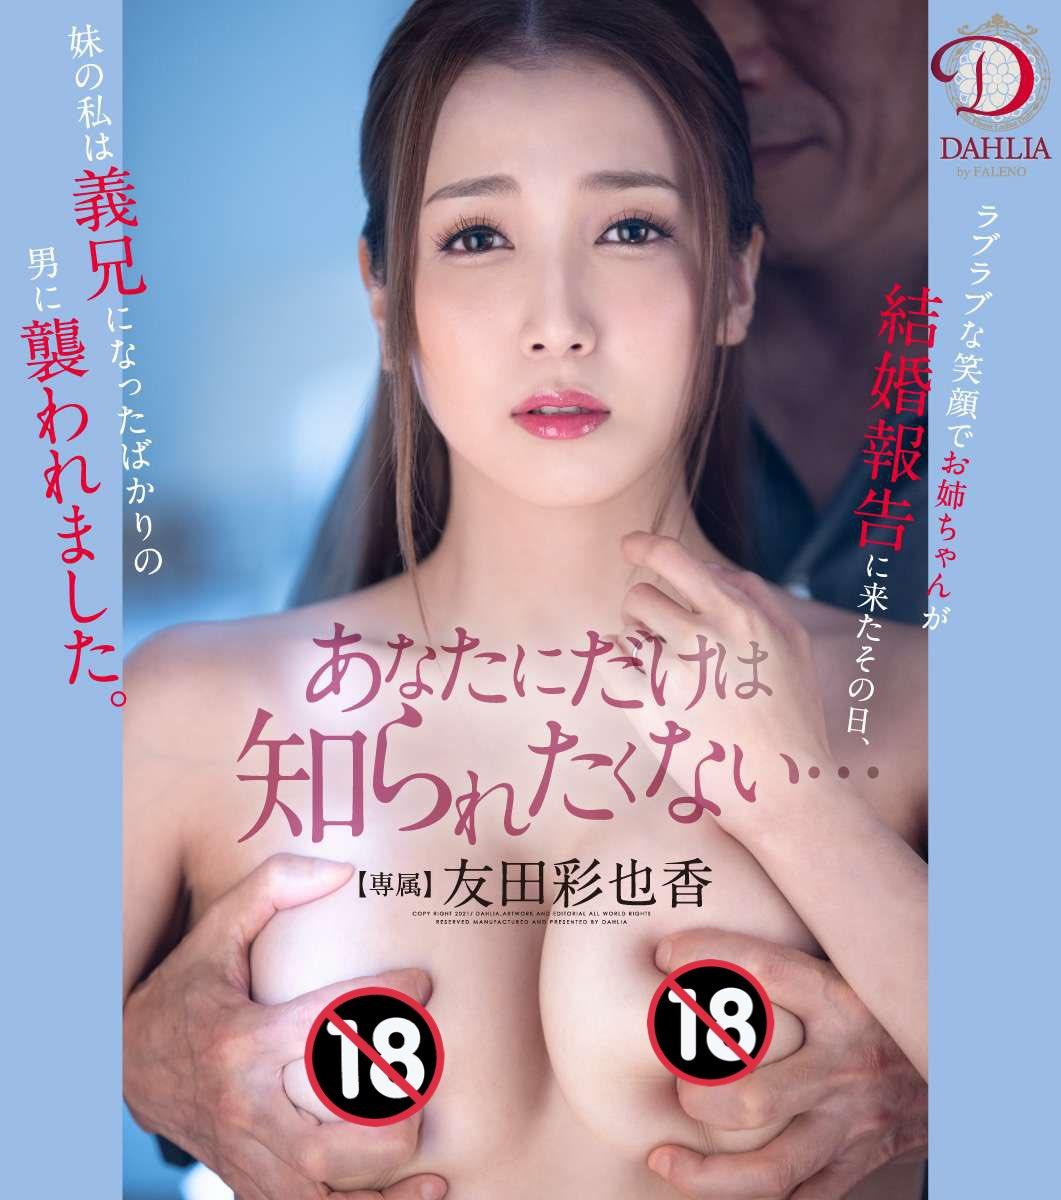 友田彩也香 #RT希望\新作DVD予約受付中!/ 1